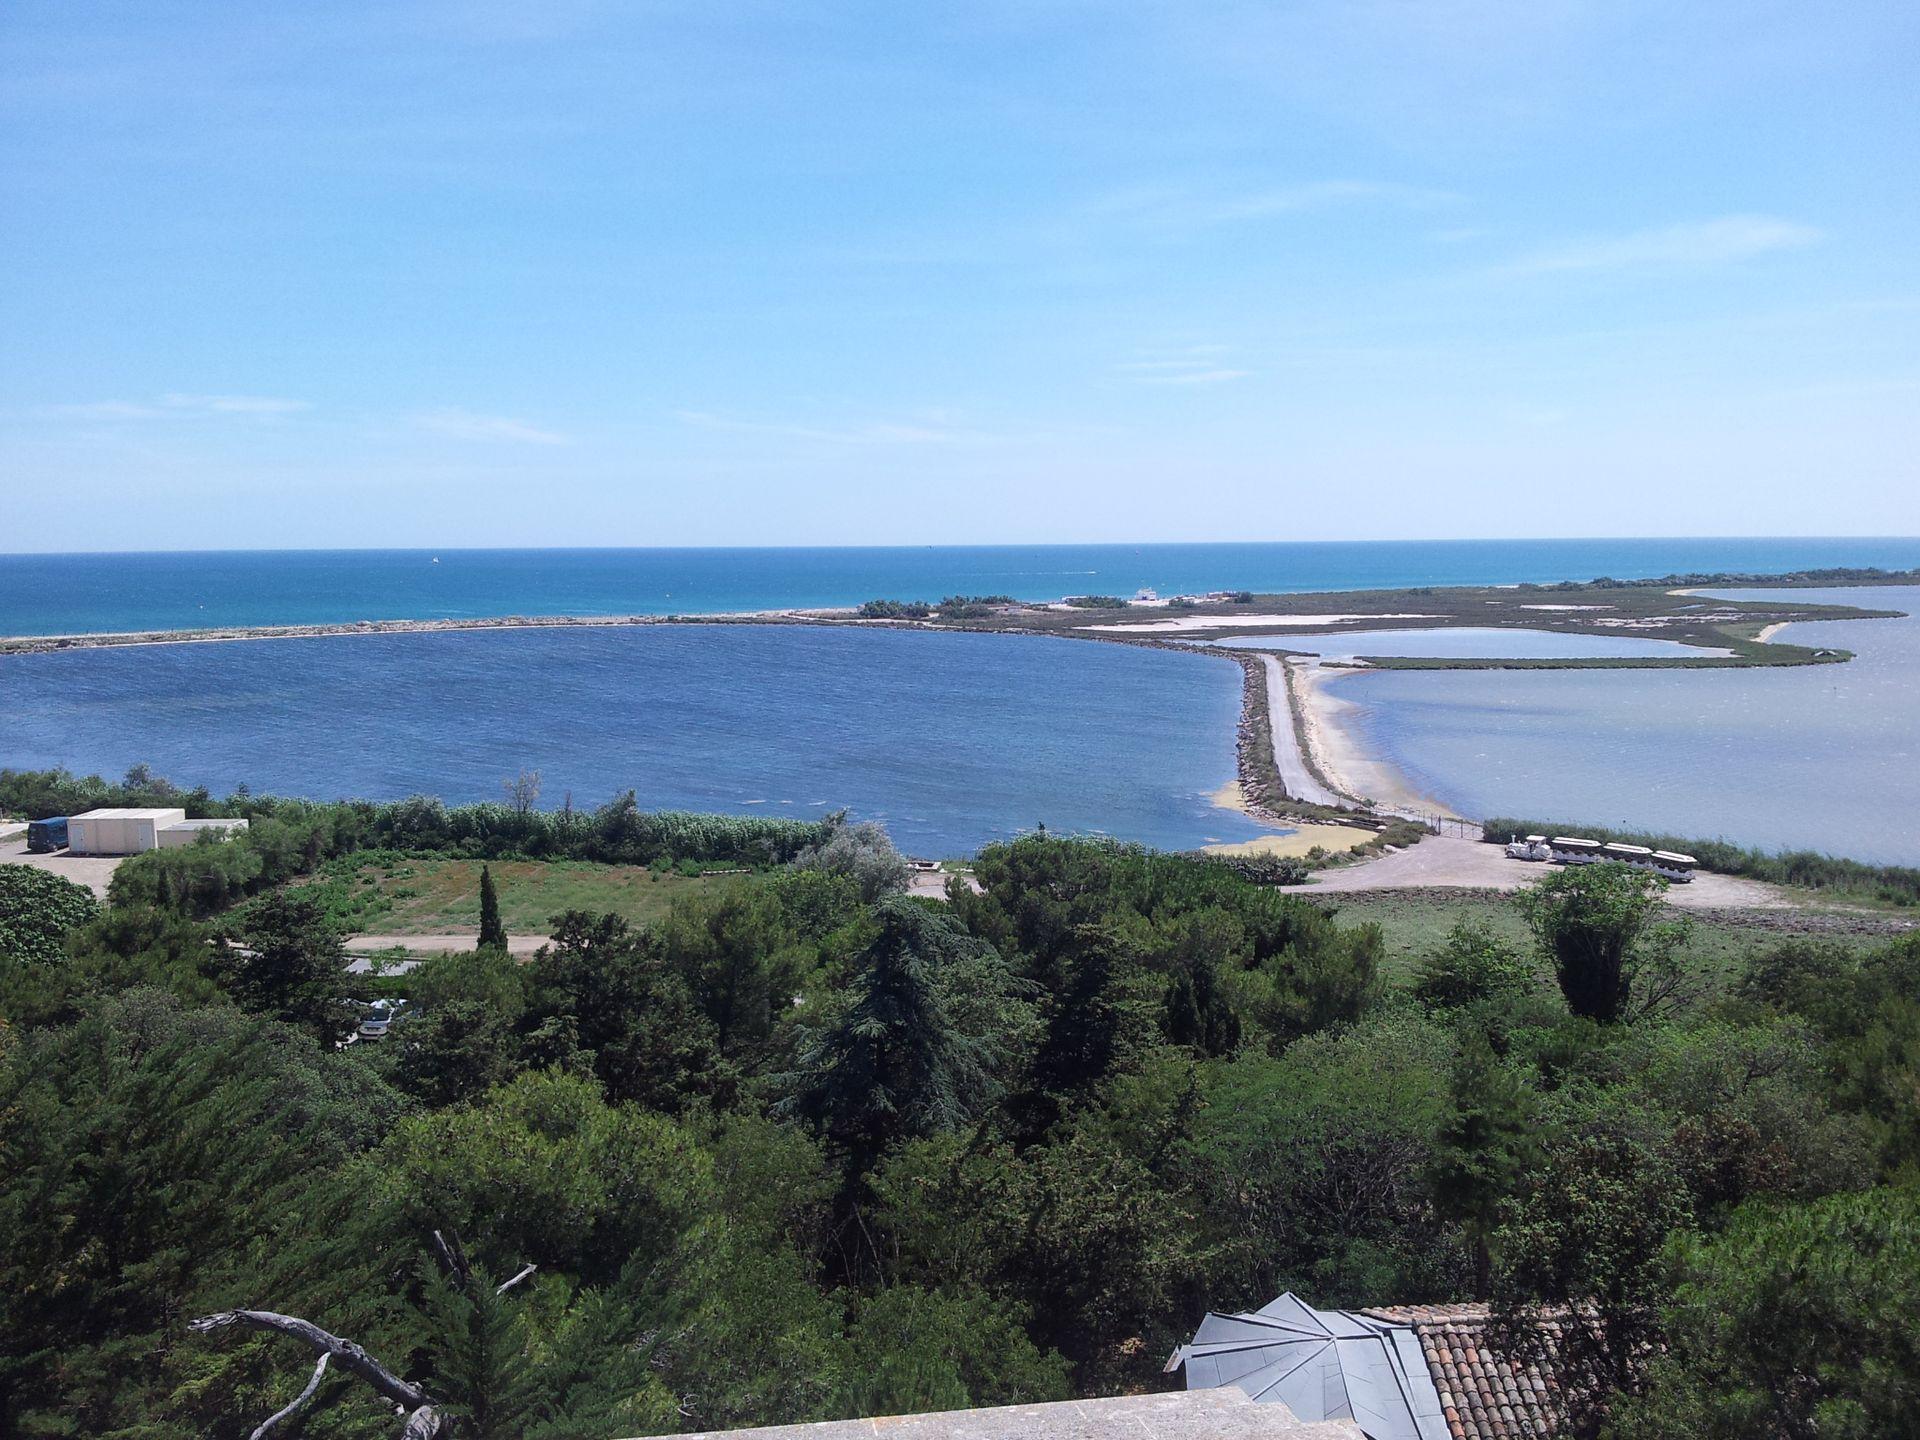 Vue aérienne de la presqu'île de Maguelone